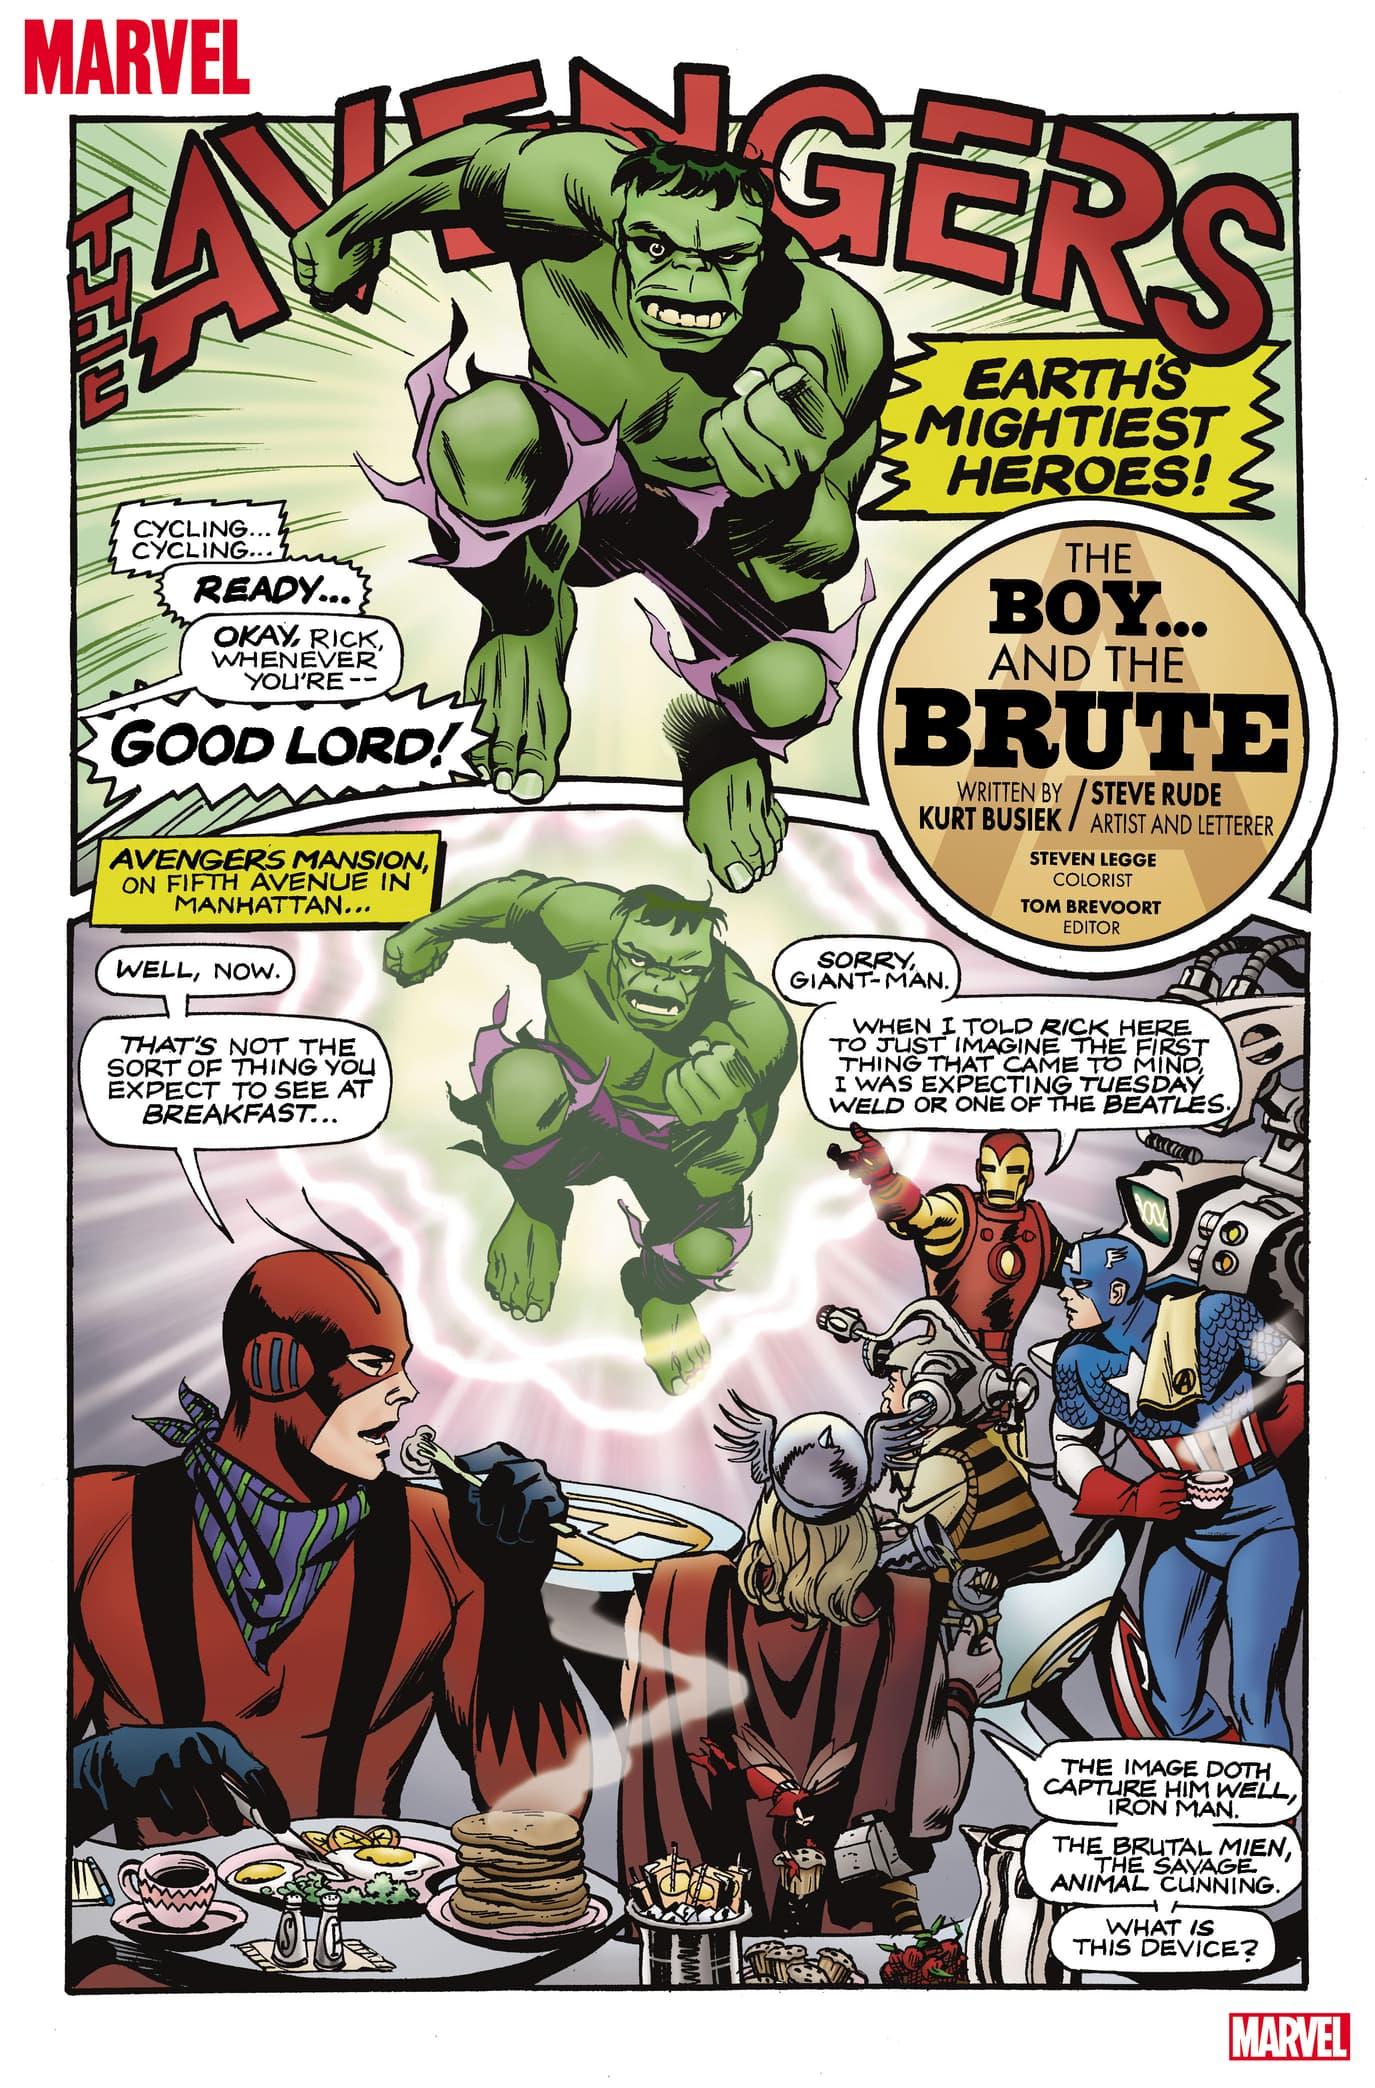 Marvel #1 Avengers story